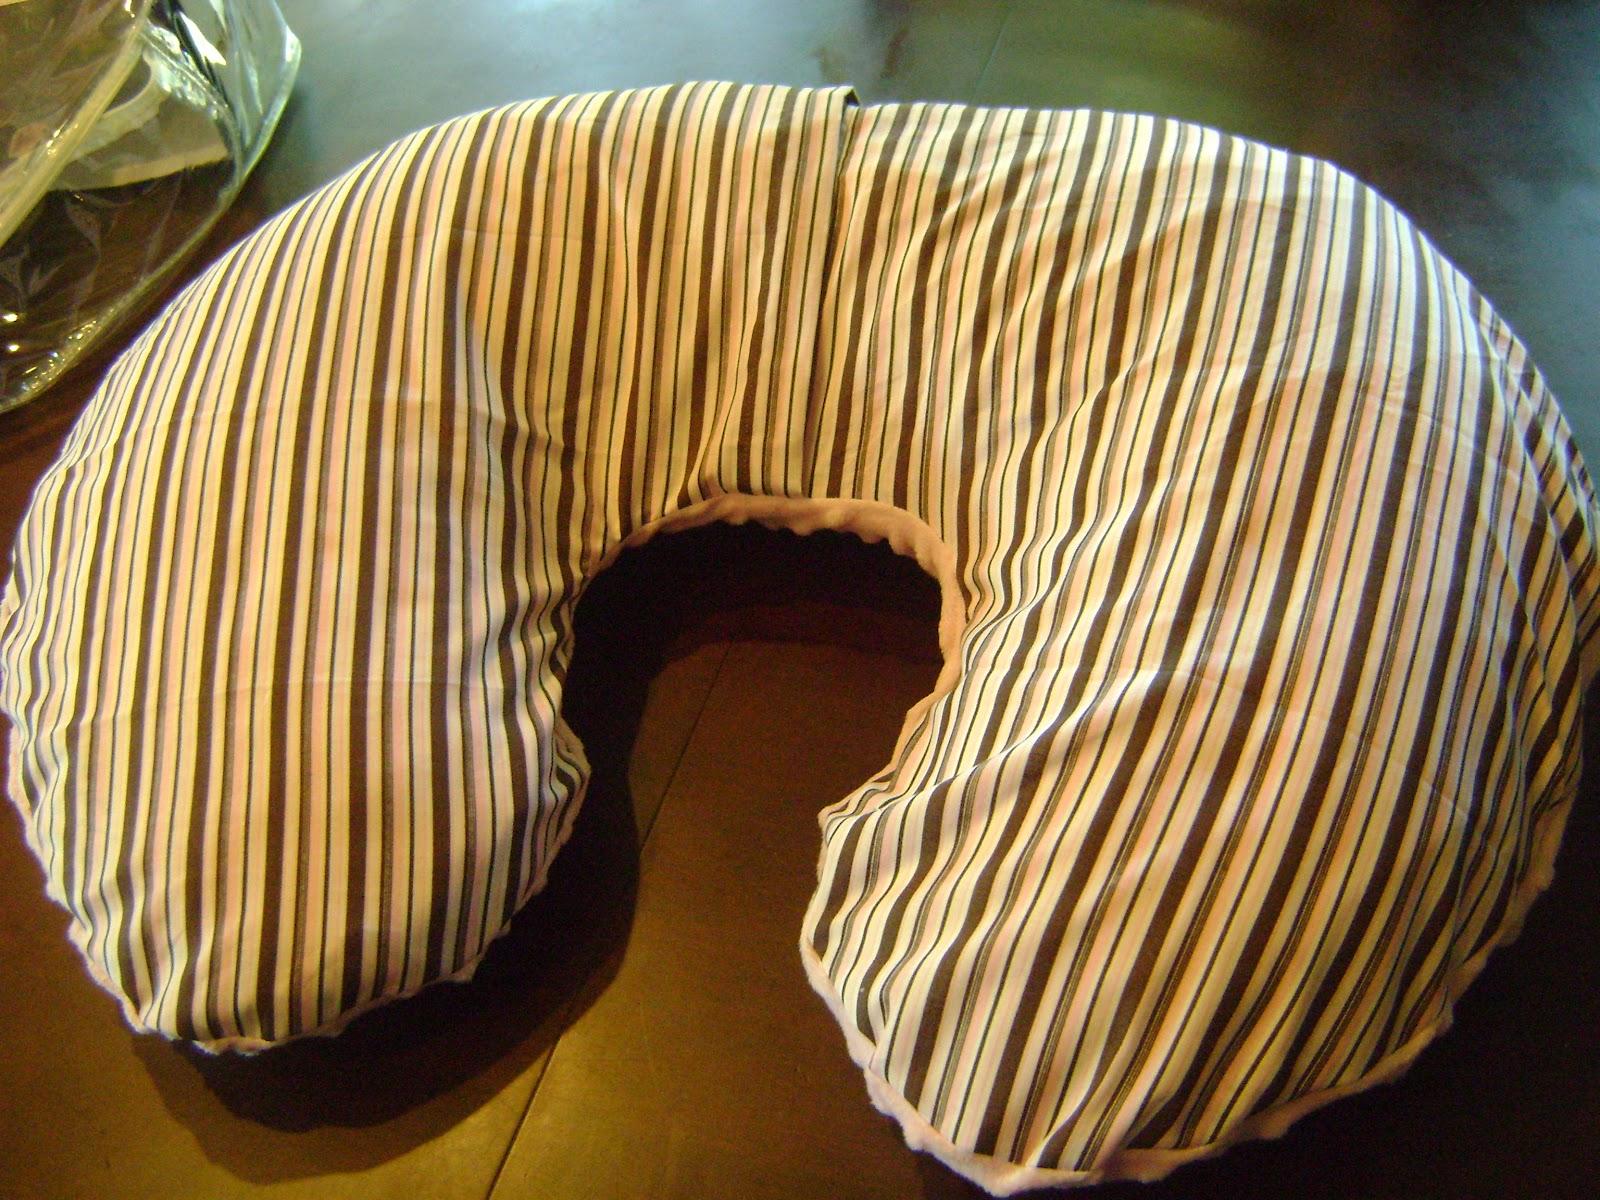 & Kalleymade: Make a Boppy Slipcover: Tutorial pillowsntoast.com